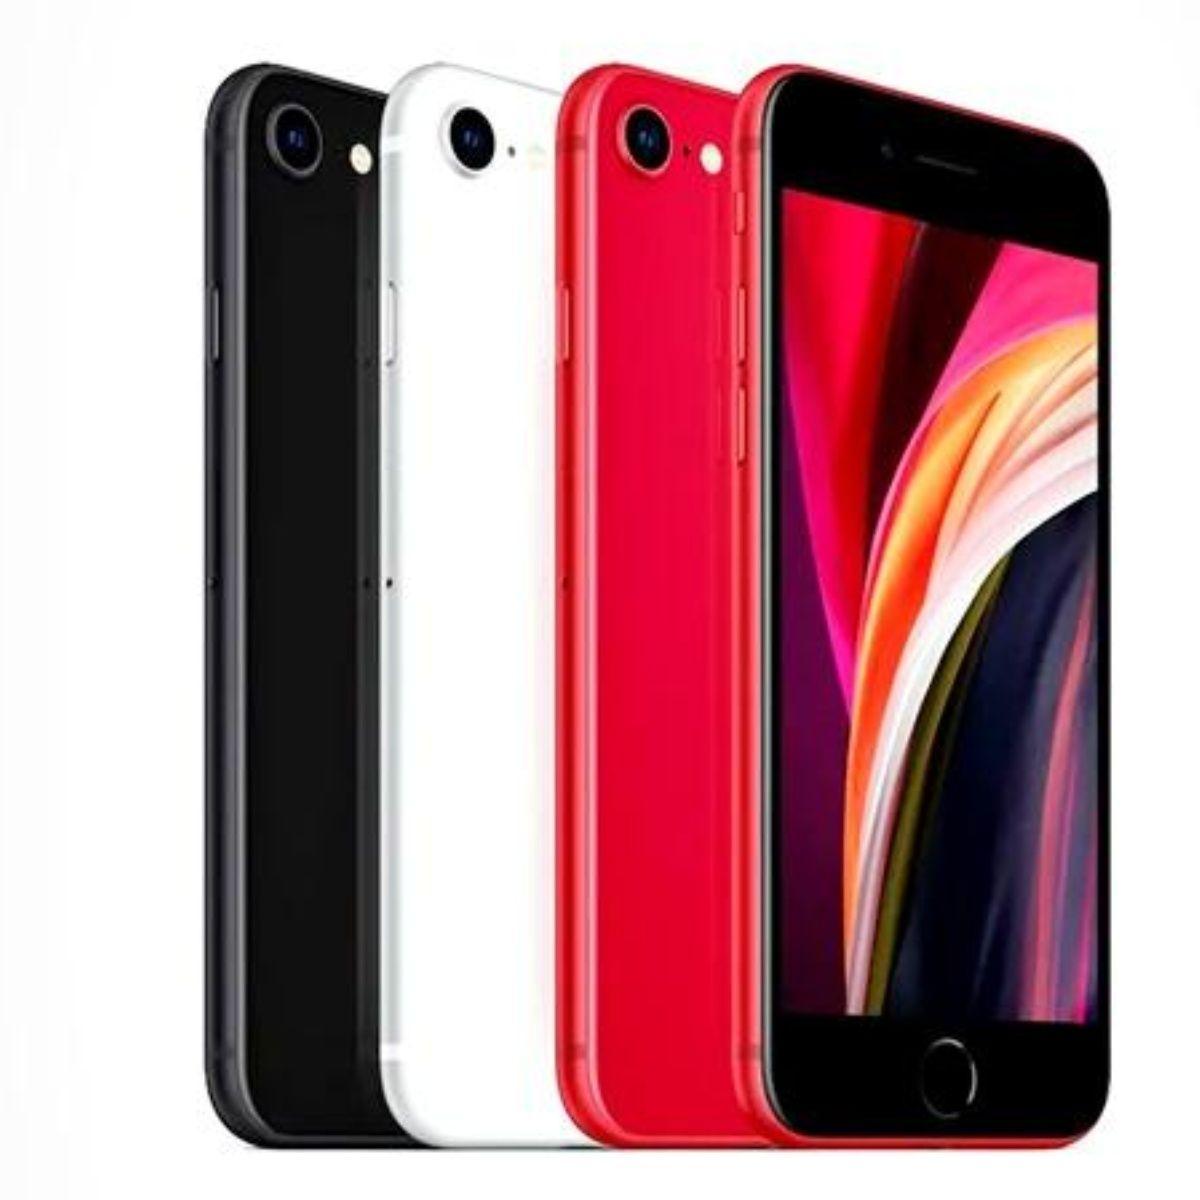 Iphone SE 64GB por 429€ [Desde España] [MeQuedoUno]